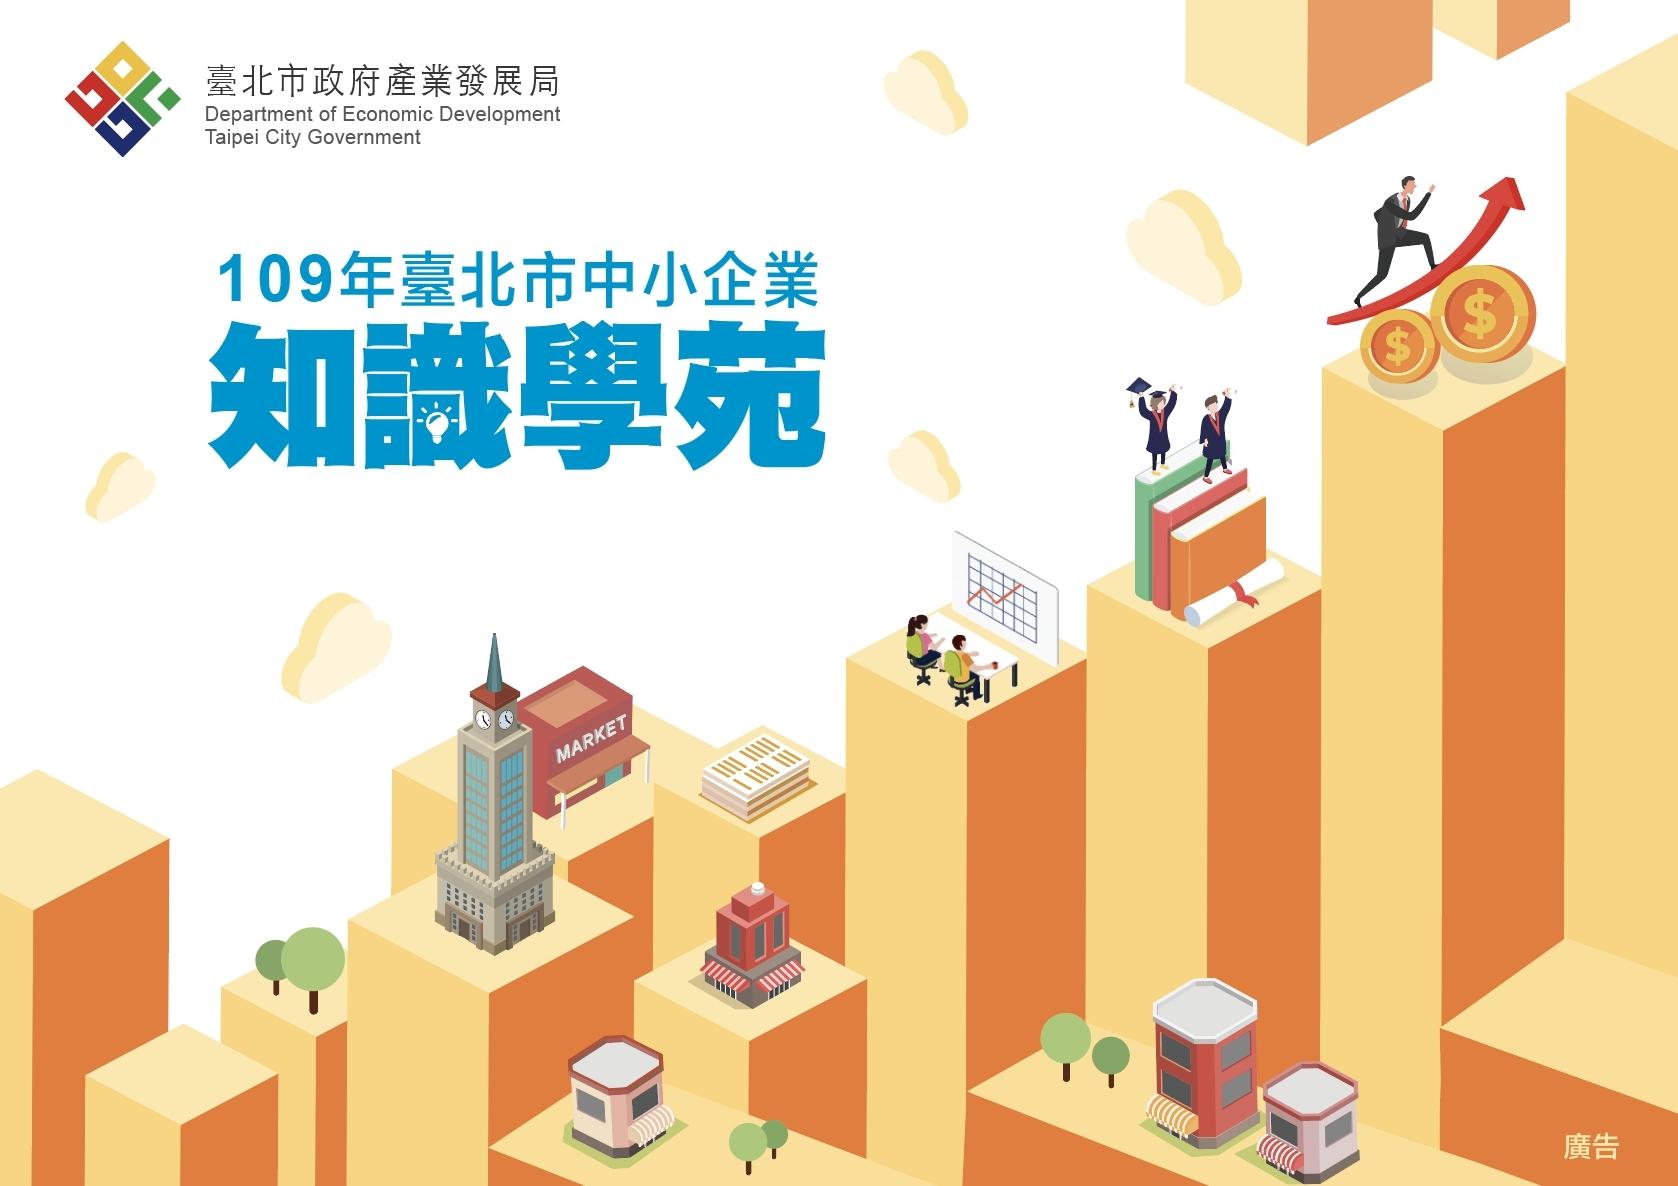 【已結束】臺北市知識學苑產業人才接軌課程-國際證照Python班圖片